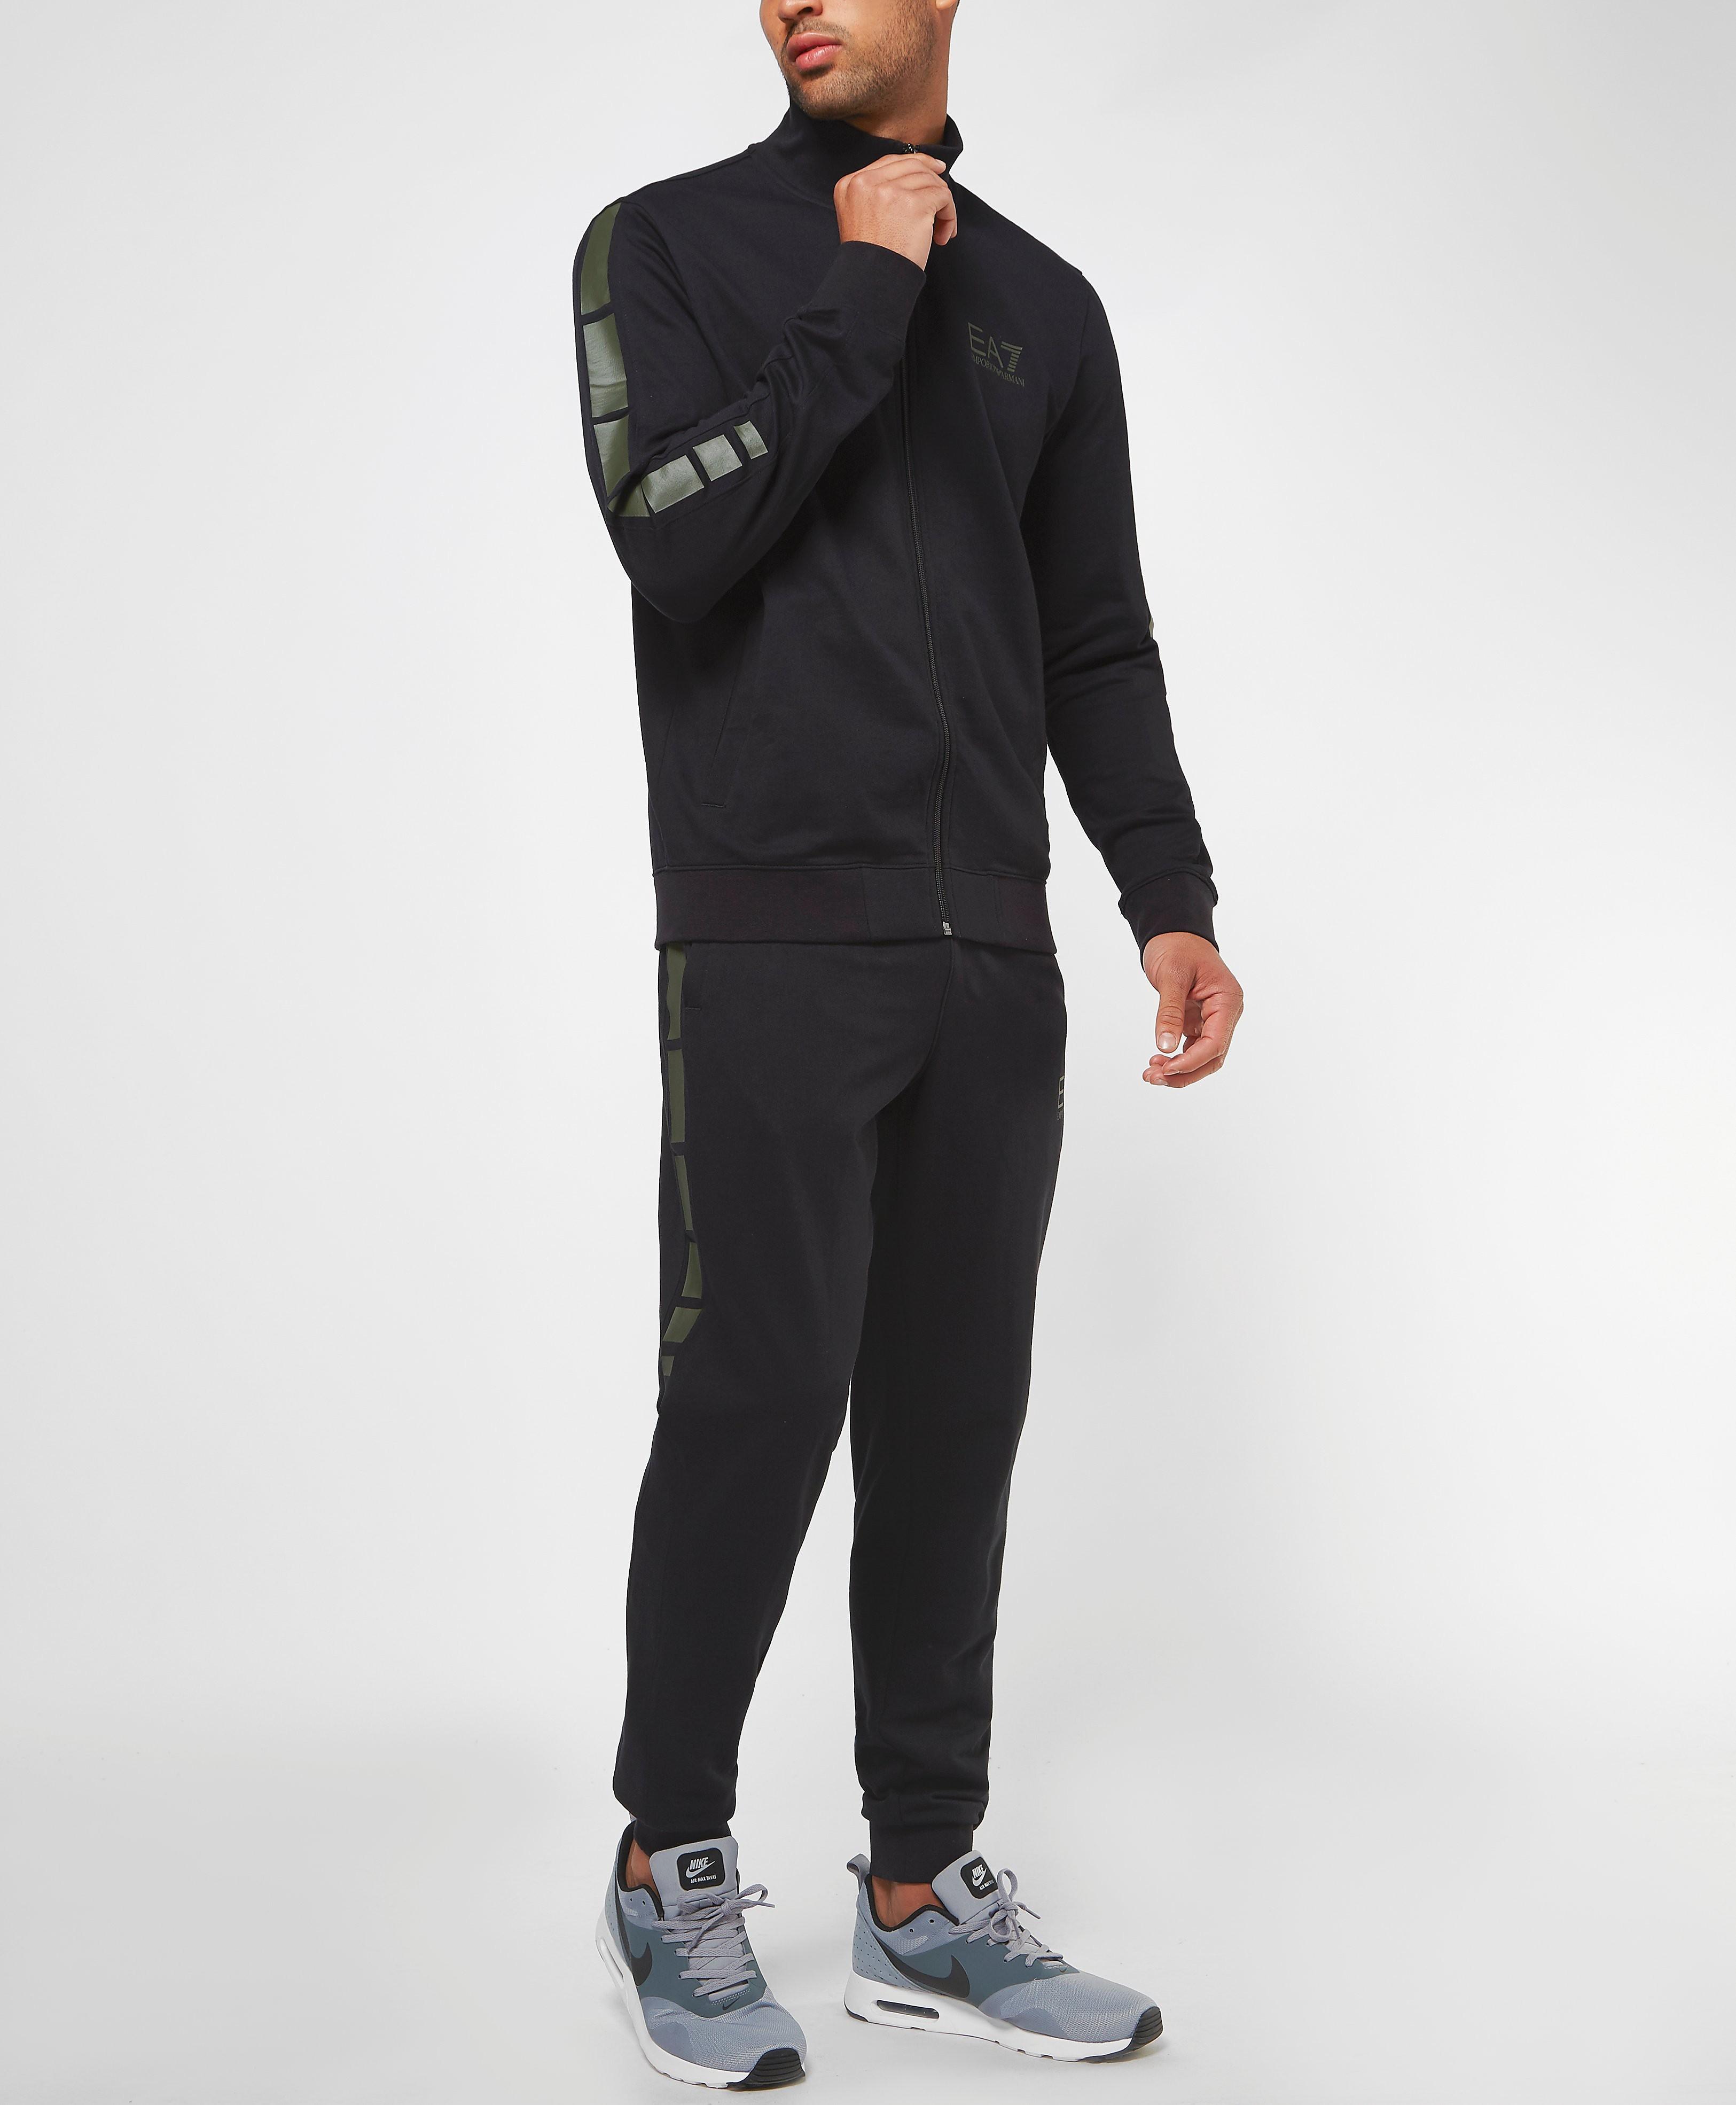 Emporio Armani EA7 7 Lines Track Suit